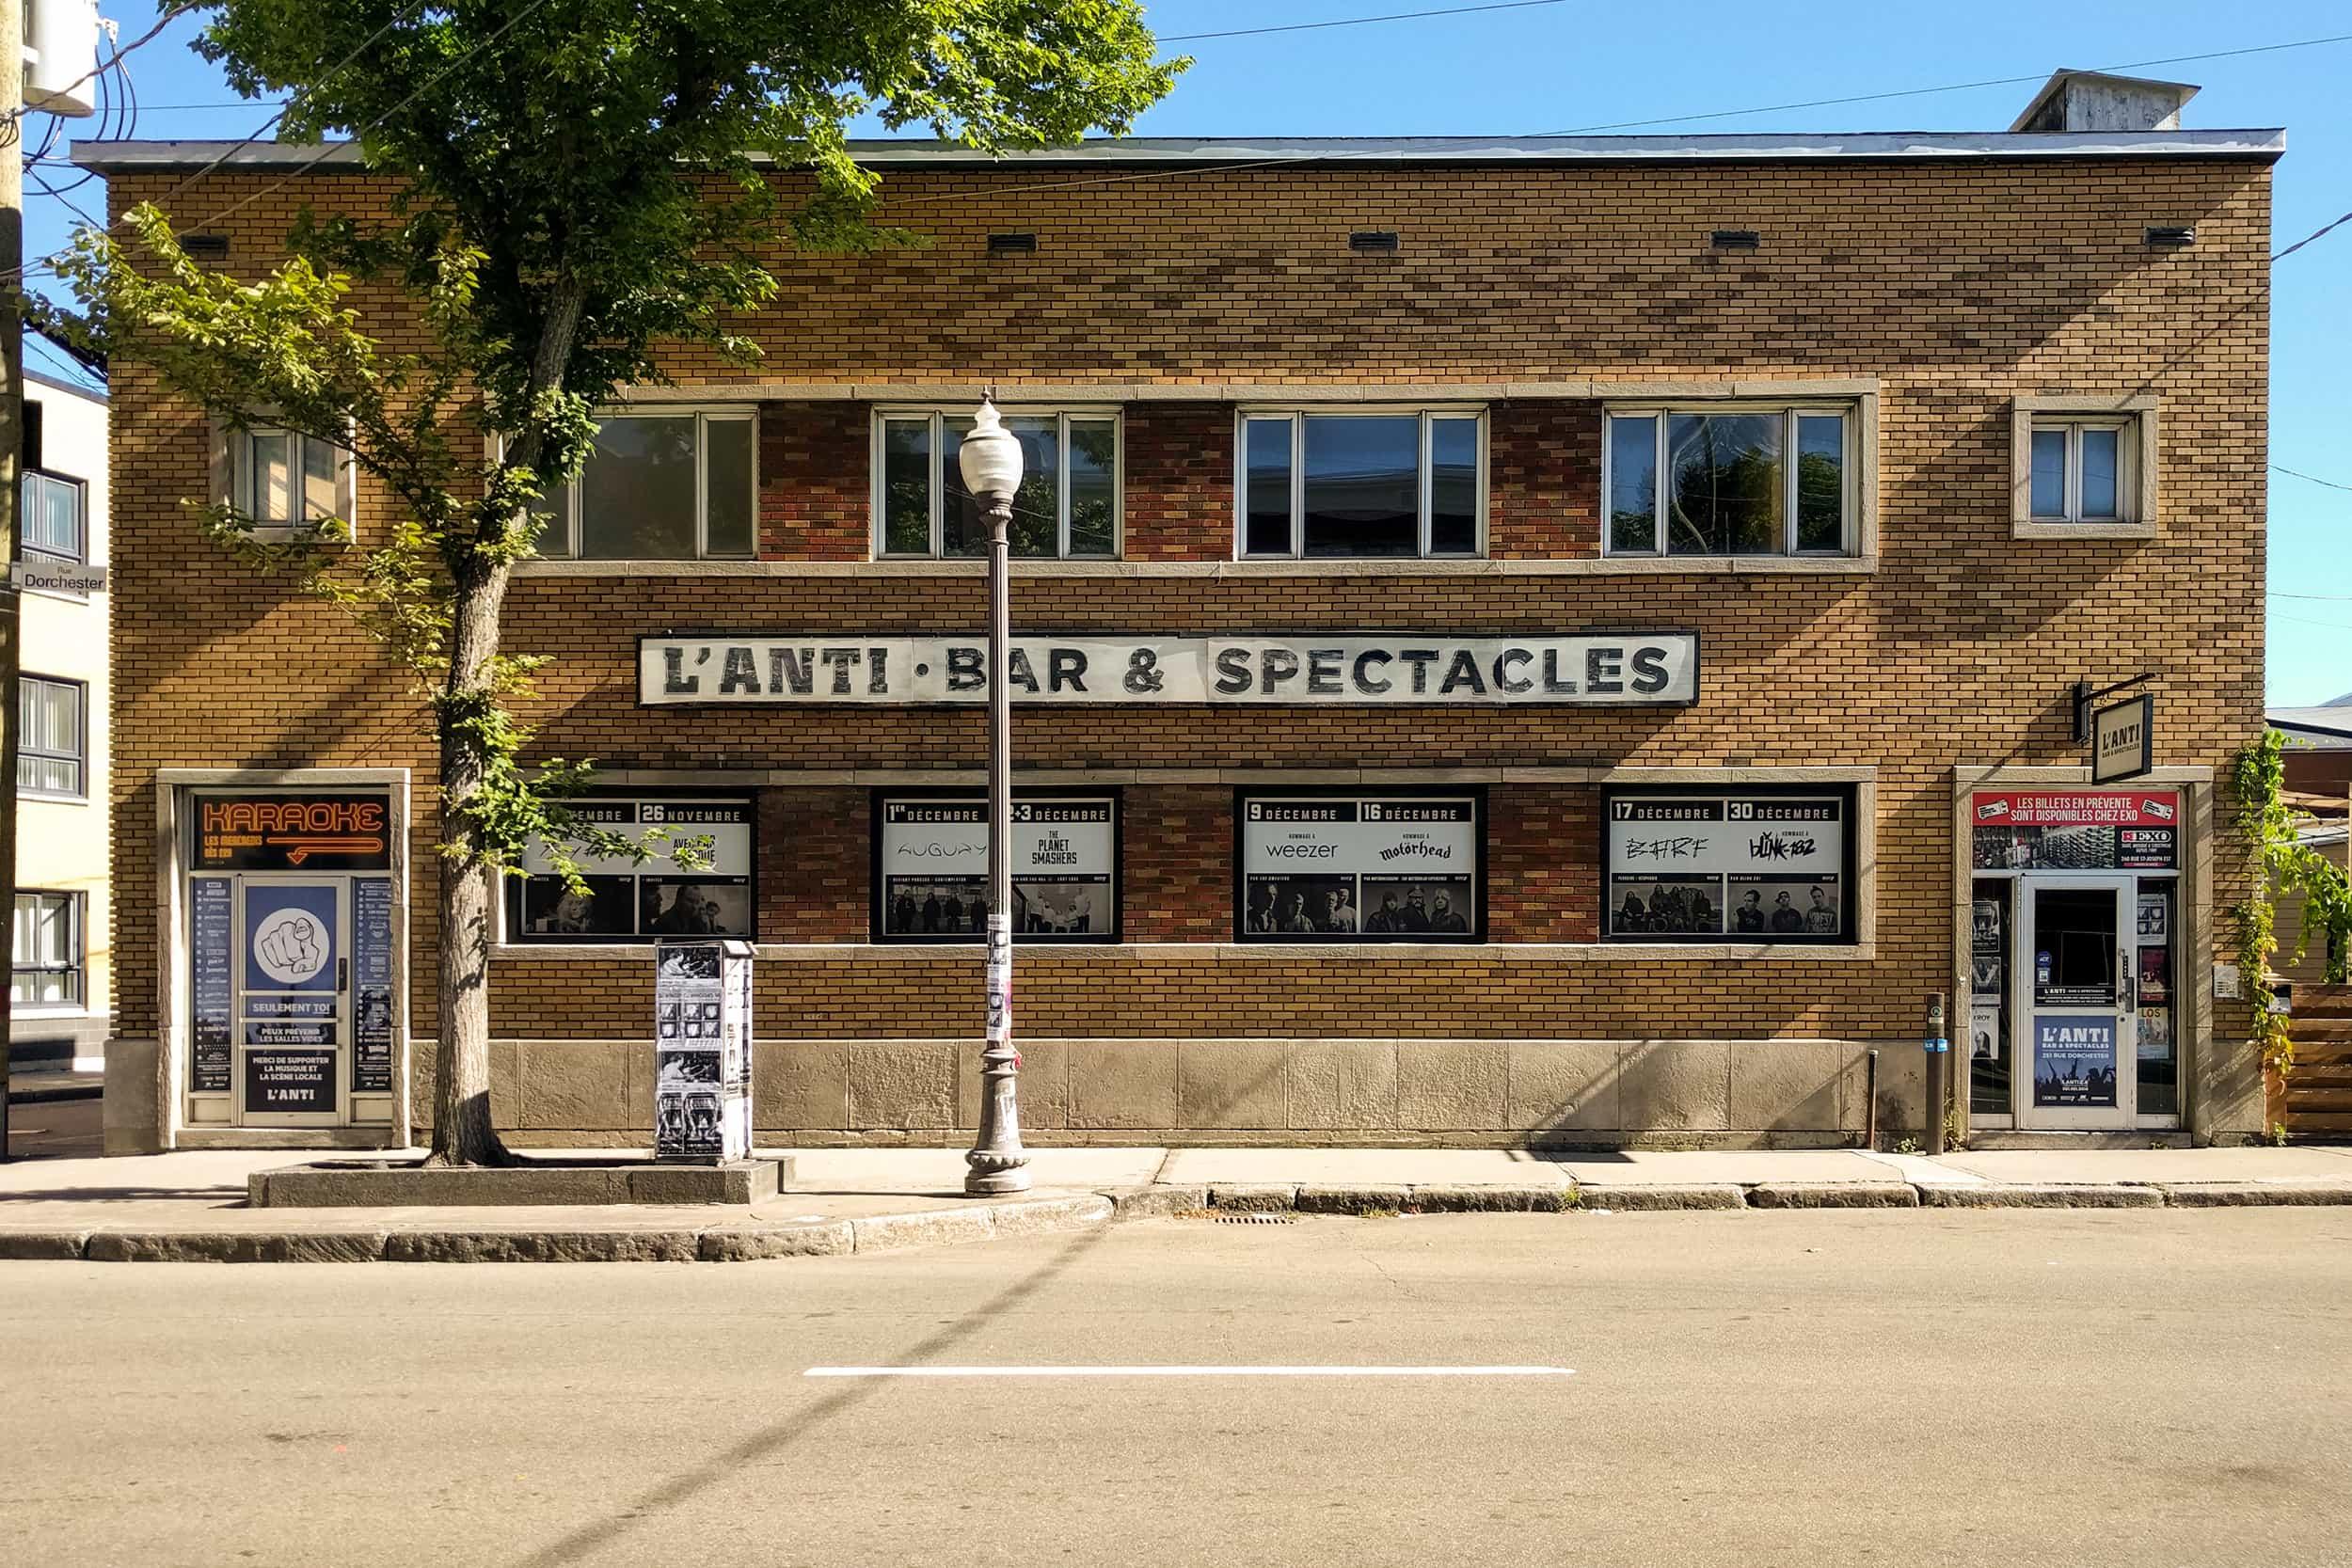 Calendrier City.L Anti Bar Spectacles Bar Et Spectacles Au Centre Ville